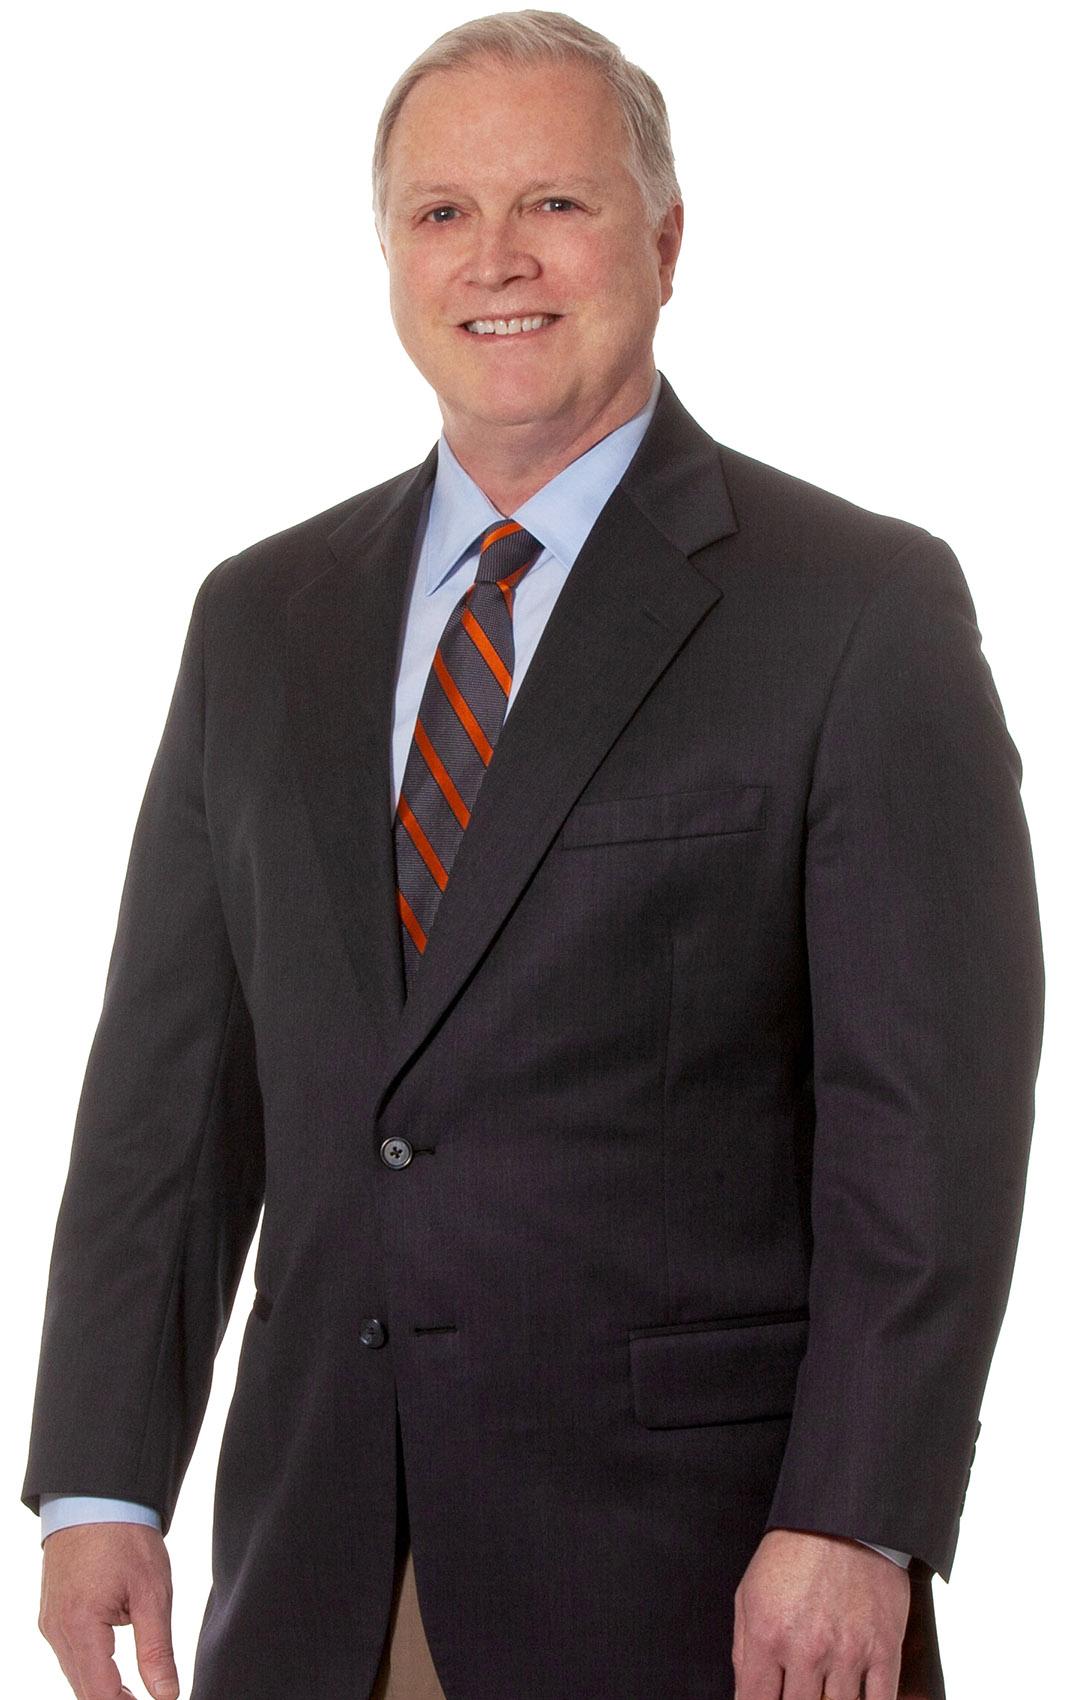 Gregory P. McGuire